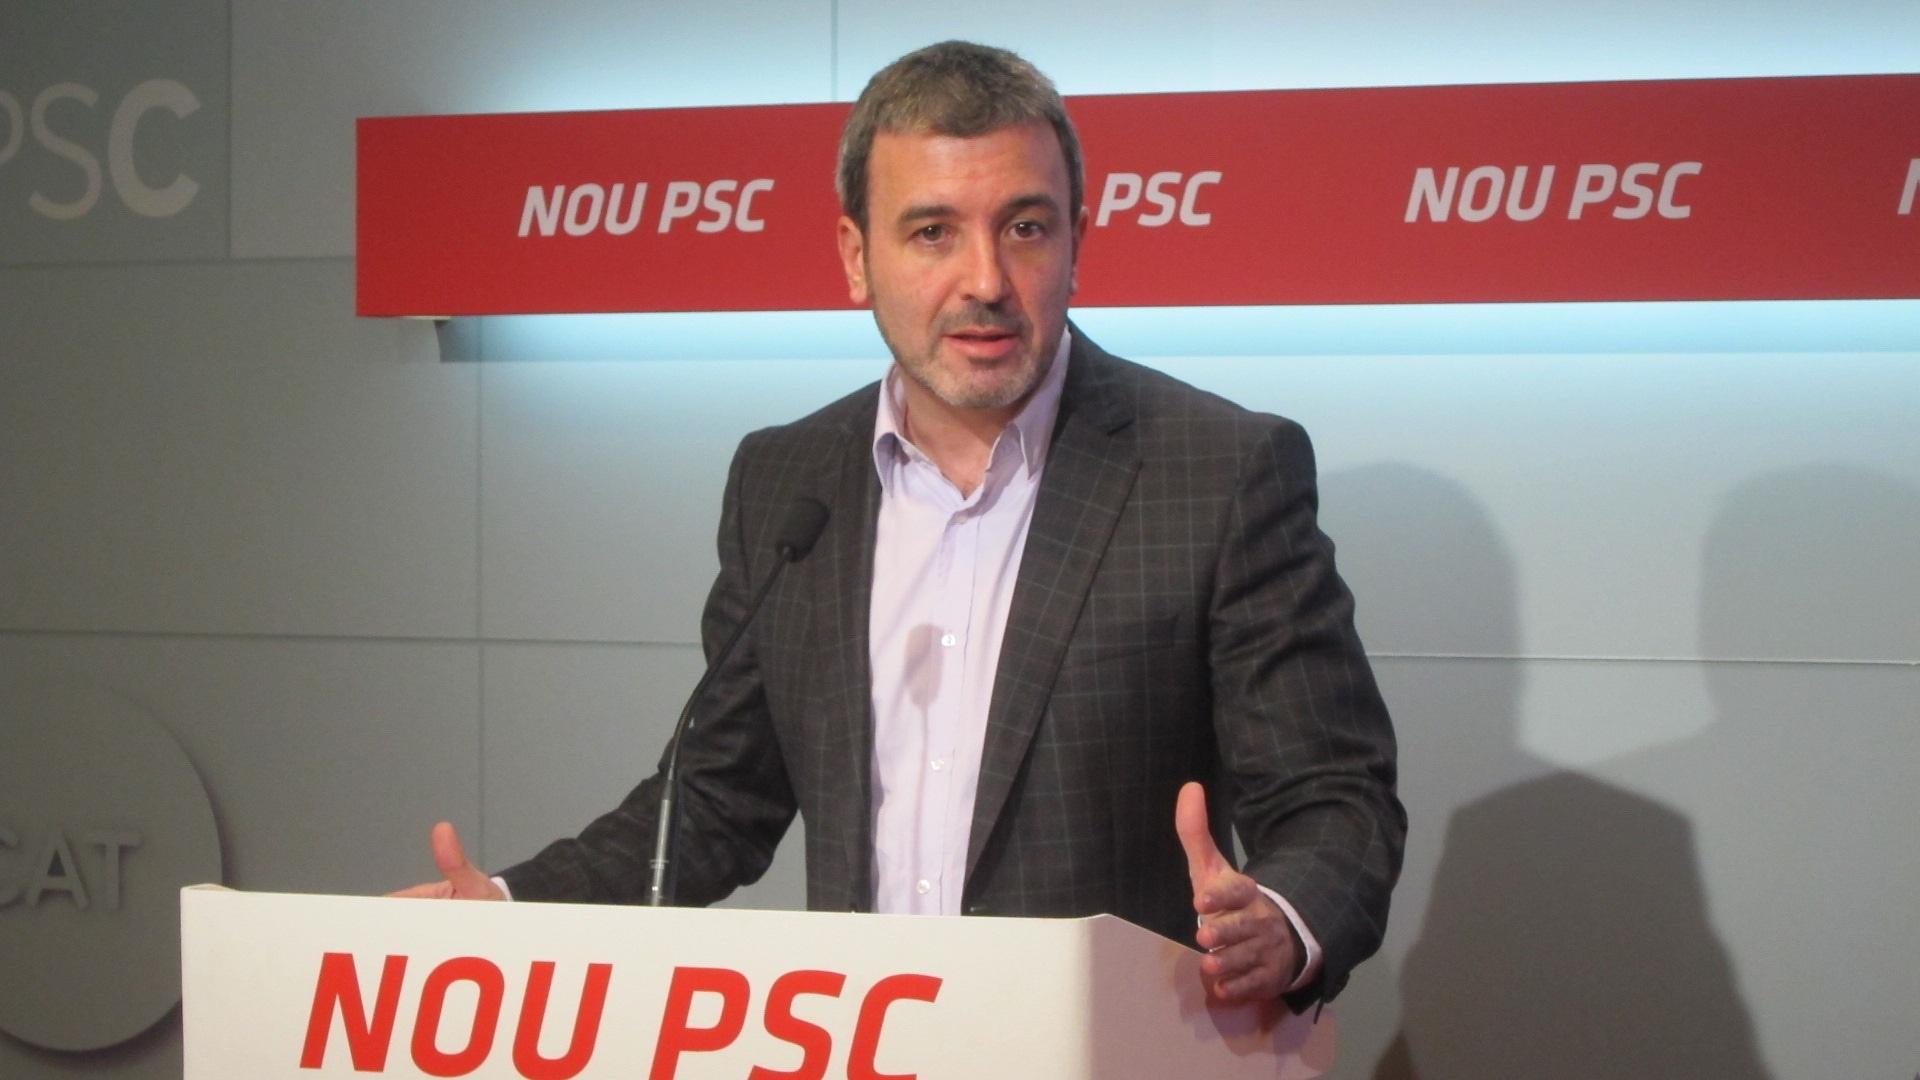 El PSC asegura que Camacho ocupa el papel de interlocutor que anhela Duran